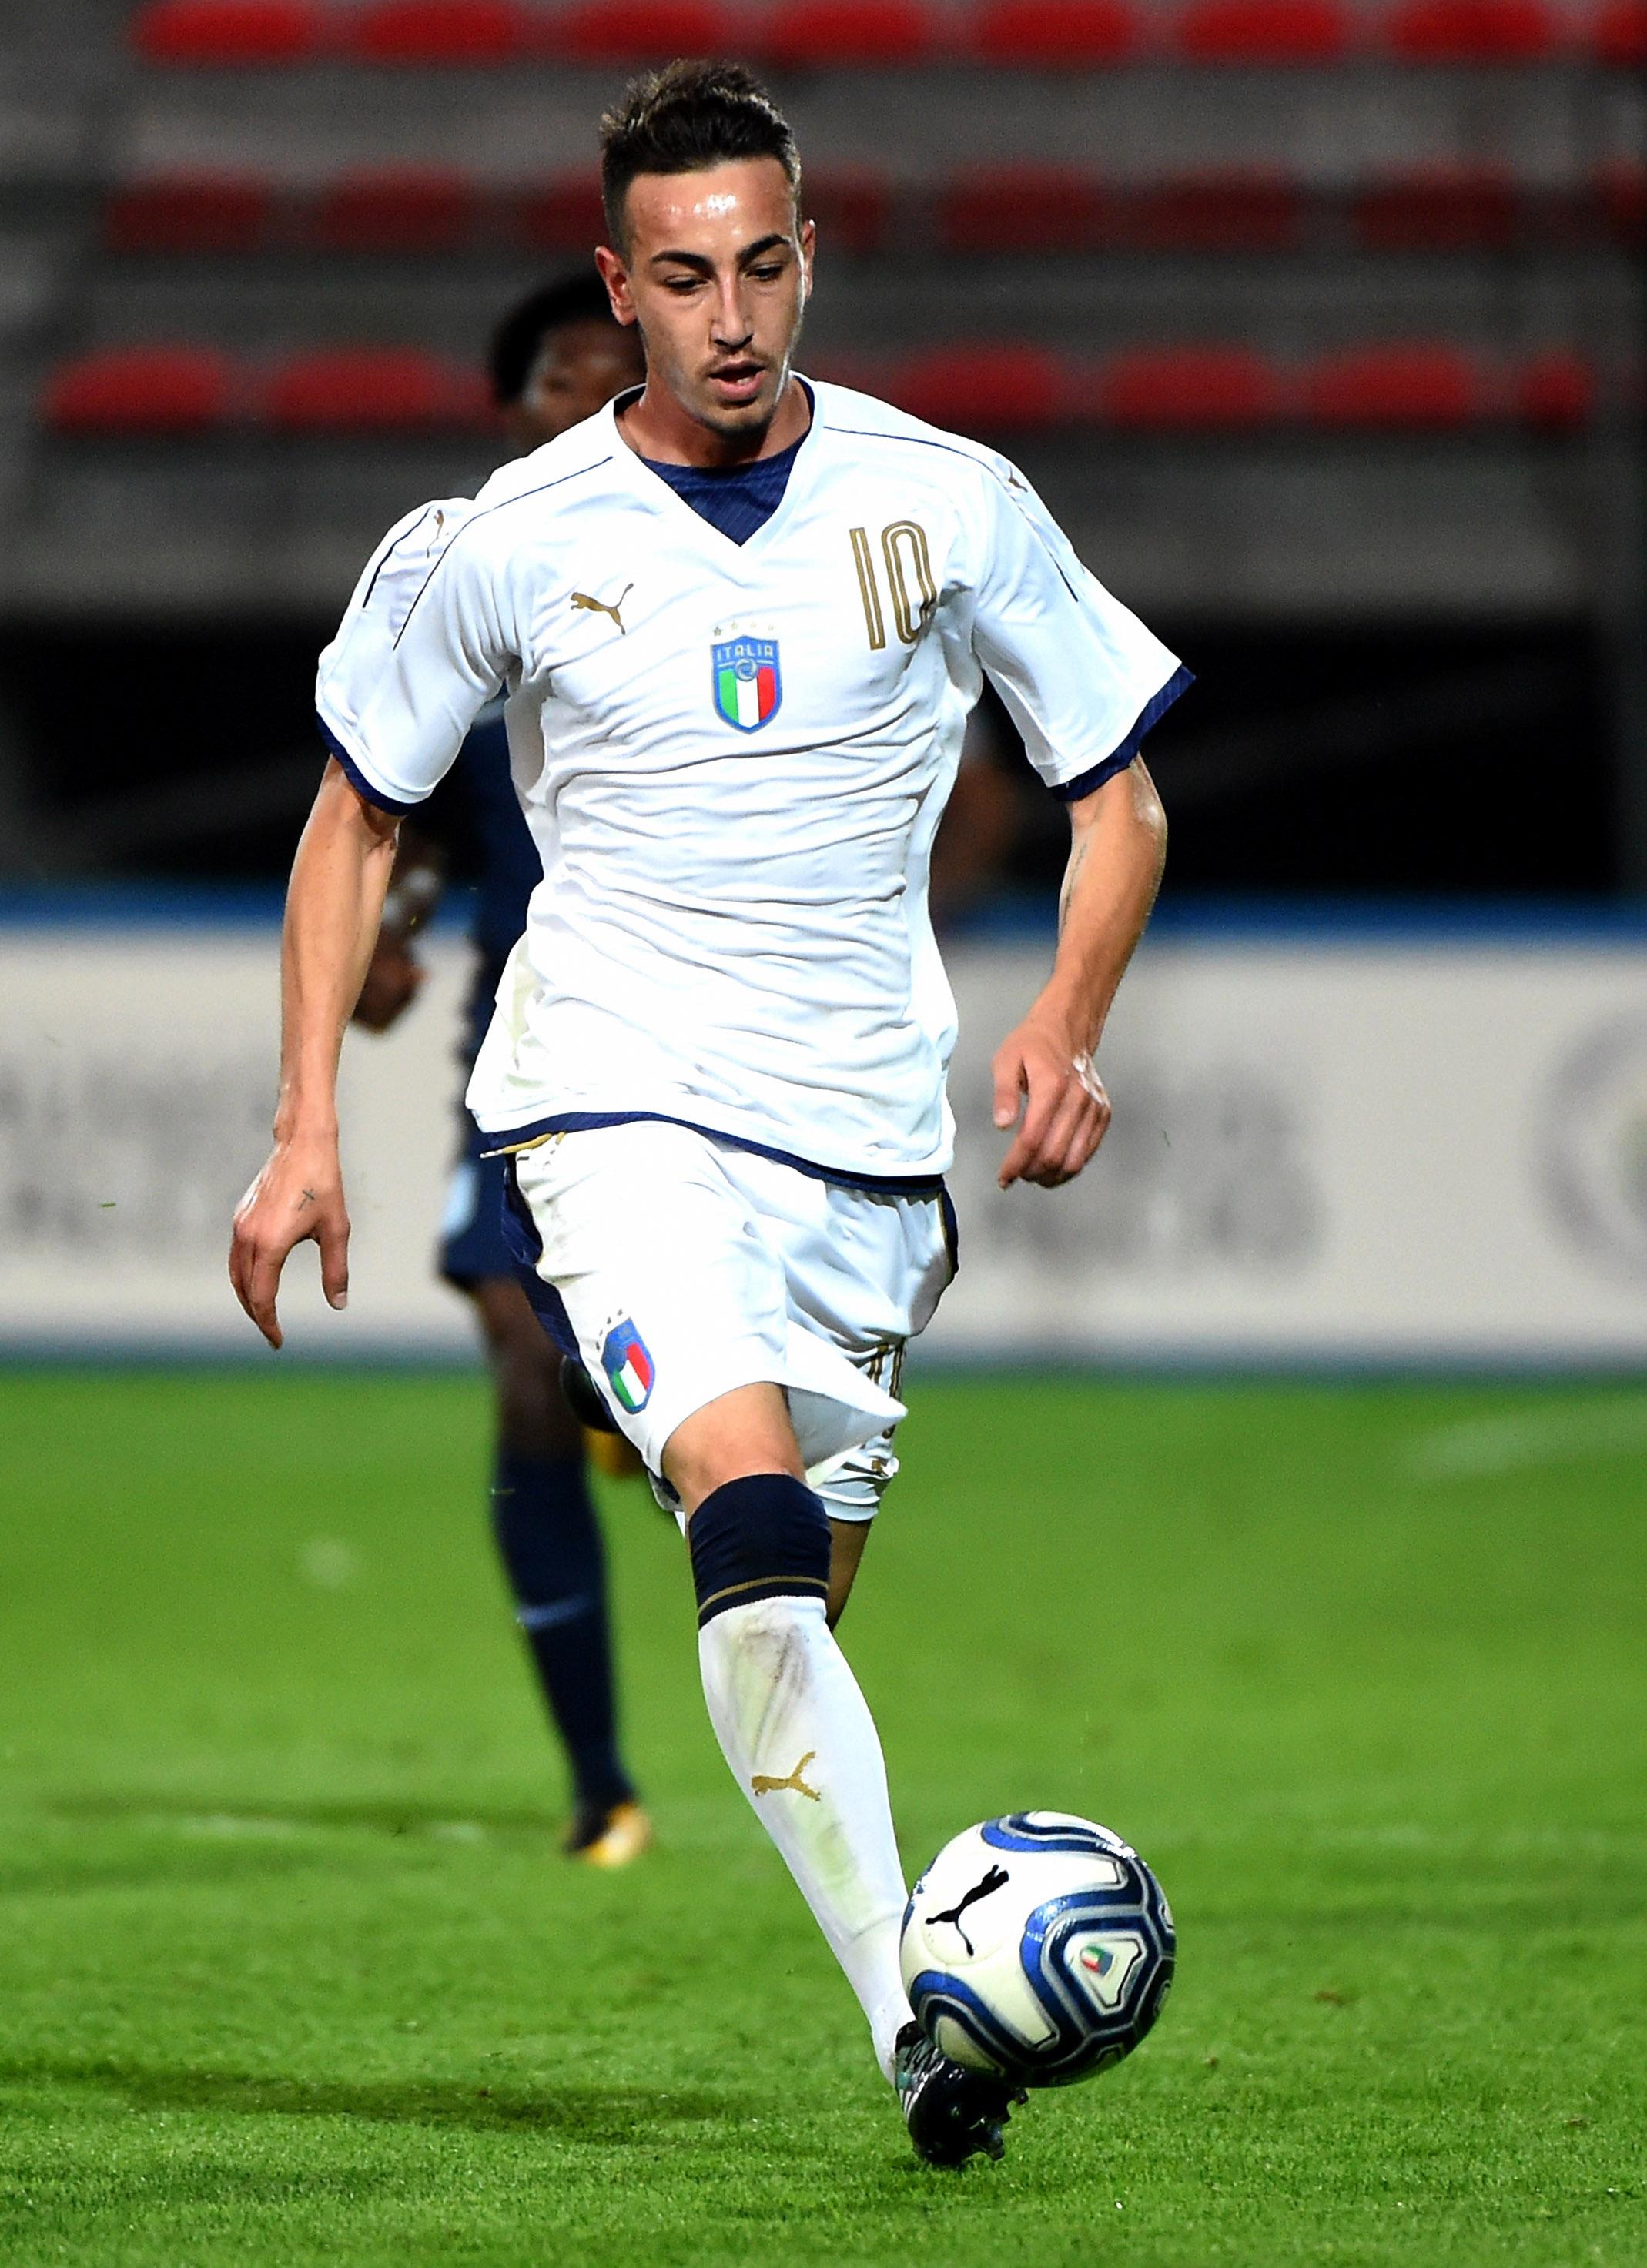 Italy U20 v England U20 - 8 Nations Tournament